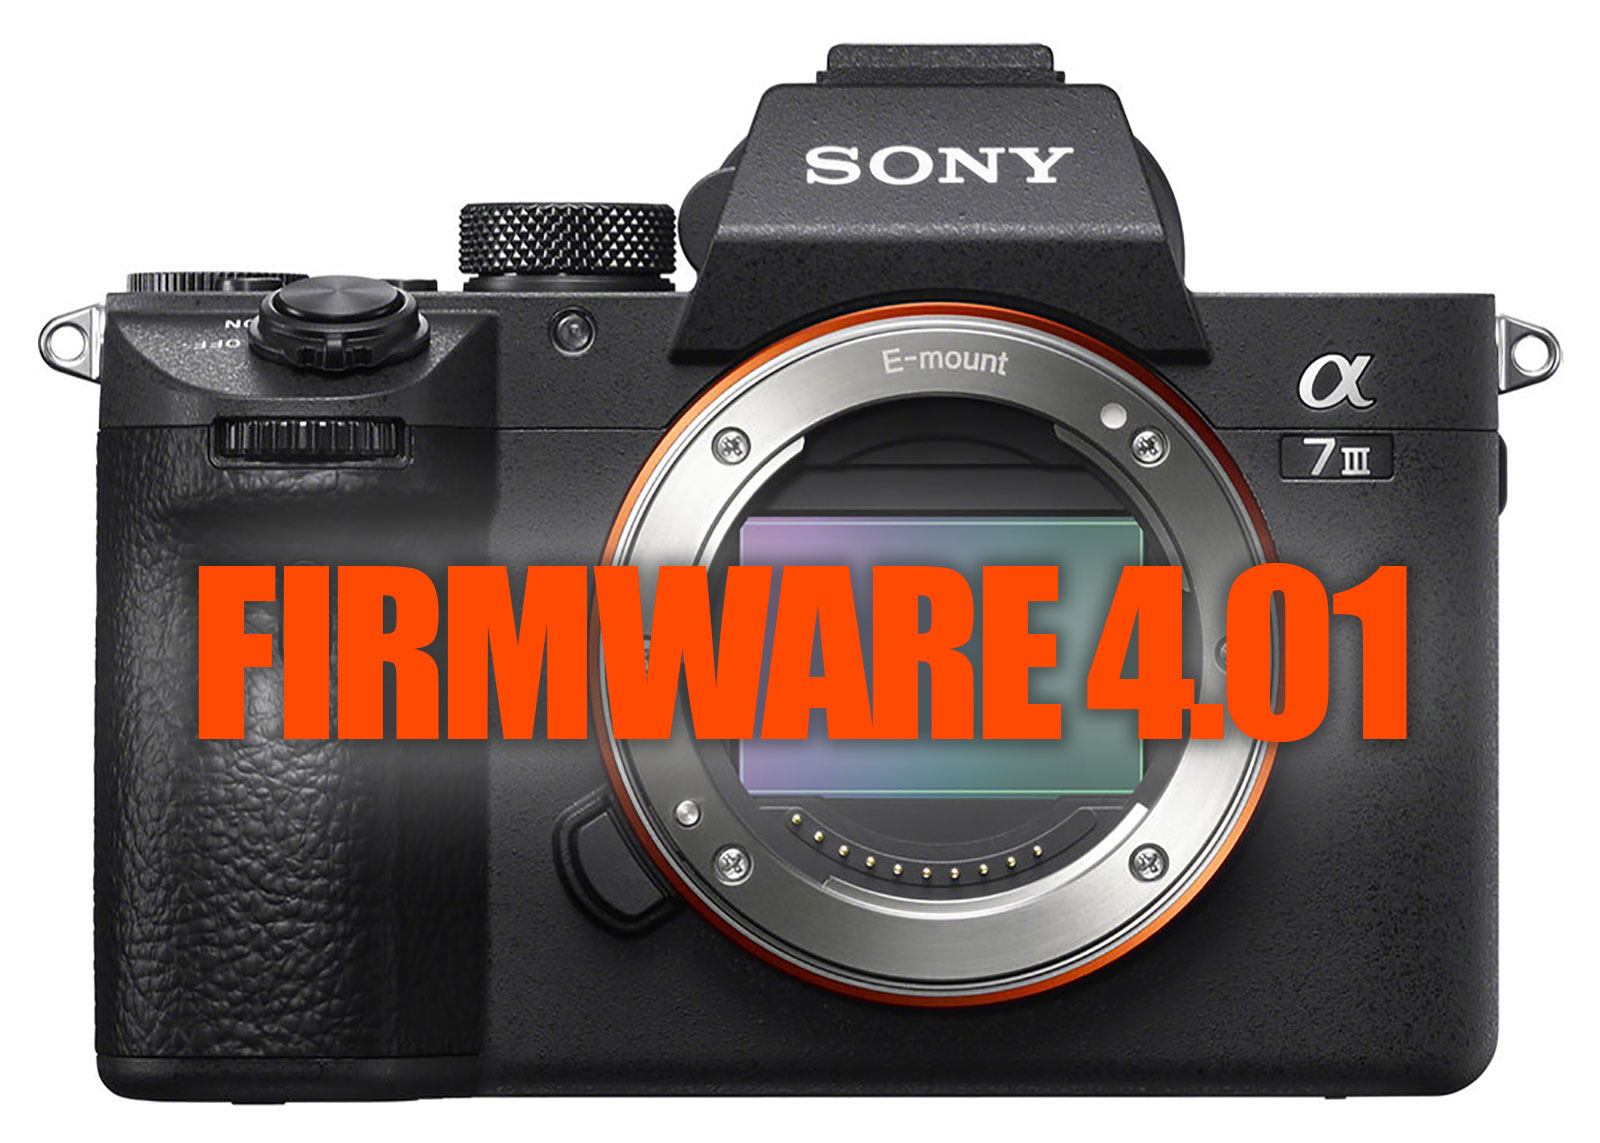 Sony a7 III Firmware Update 4.01